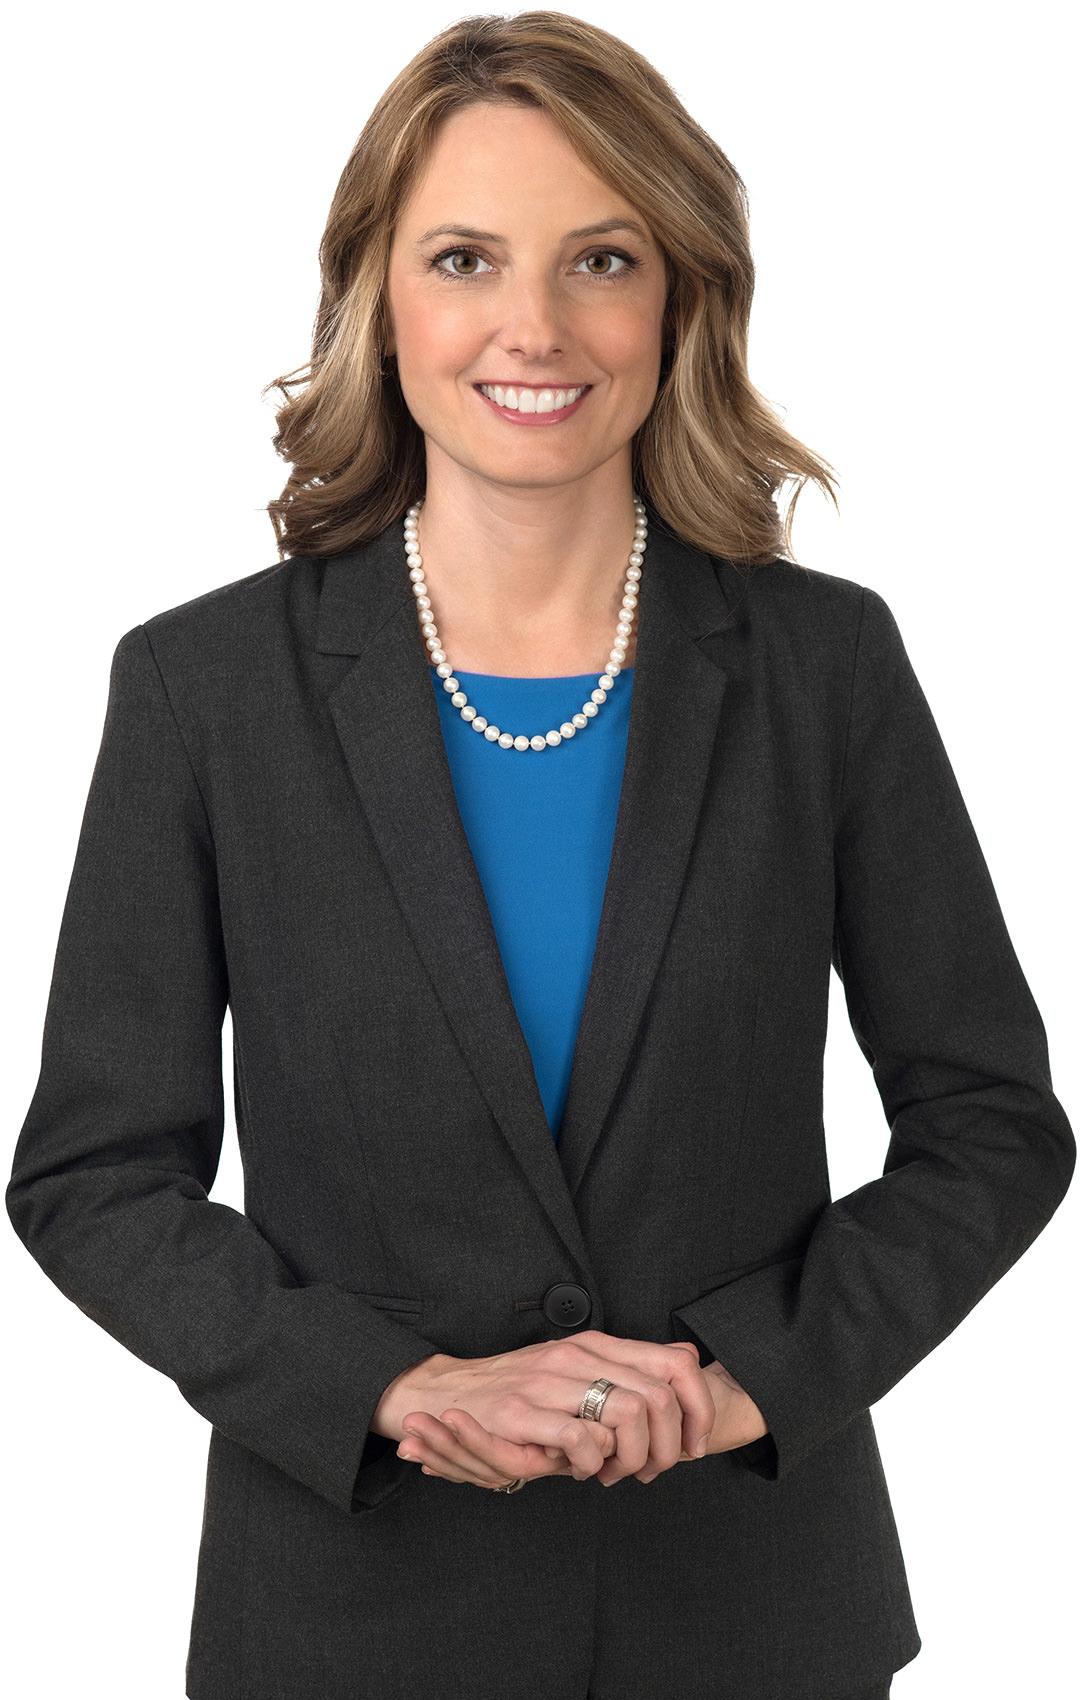 Holly A. Hempel